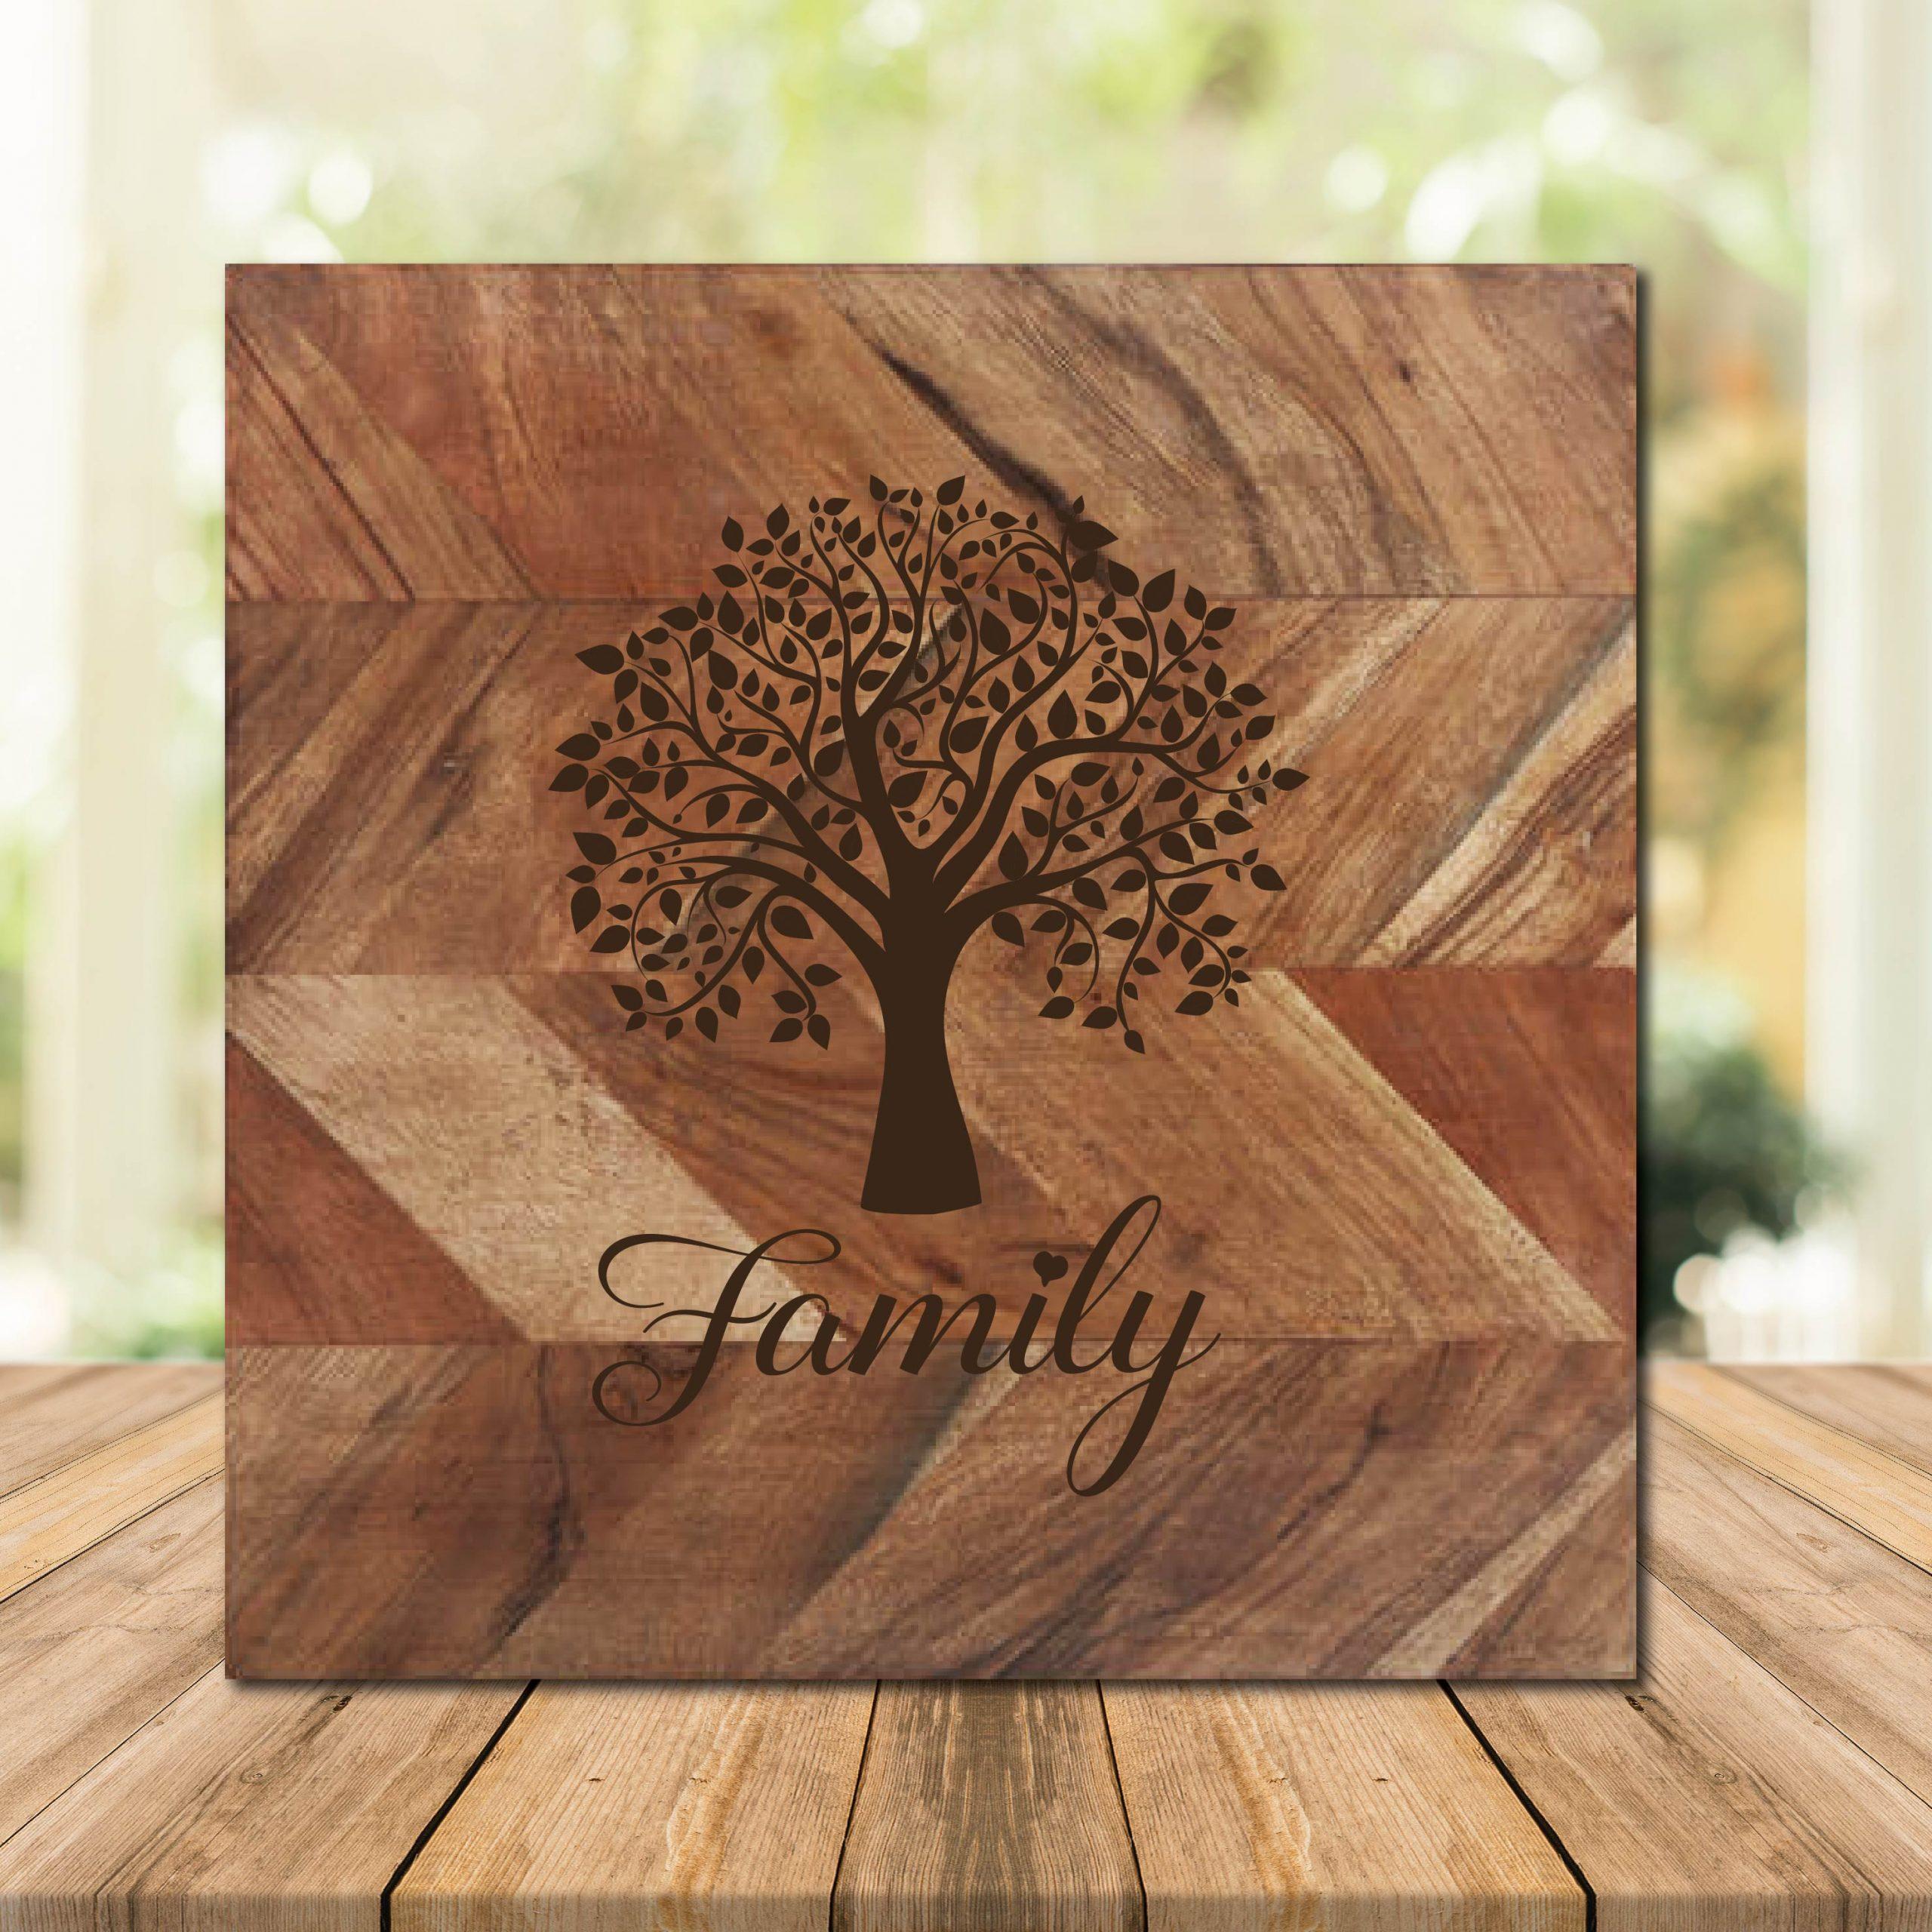 Family Tree Chopping Board